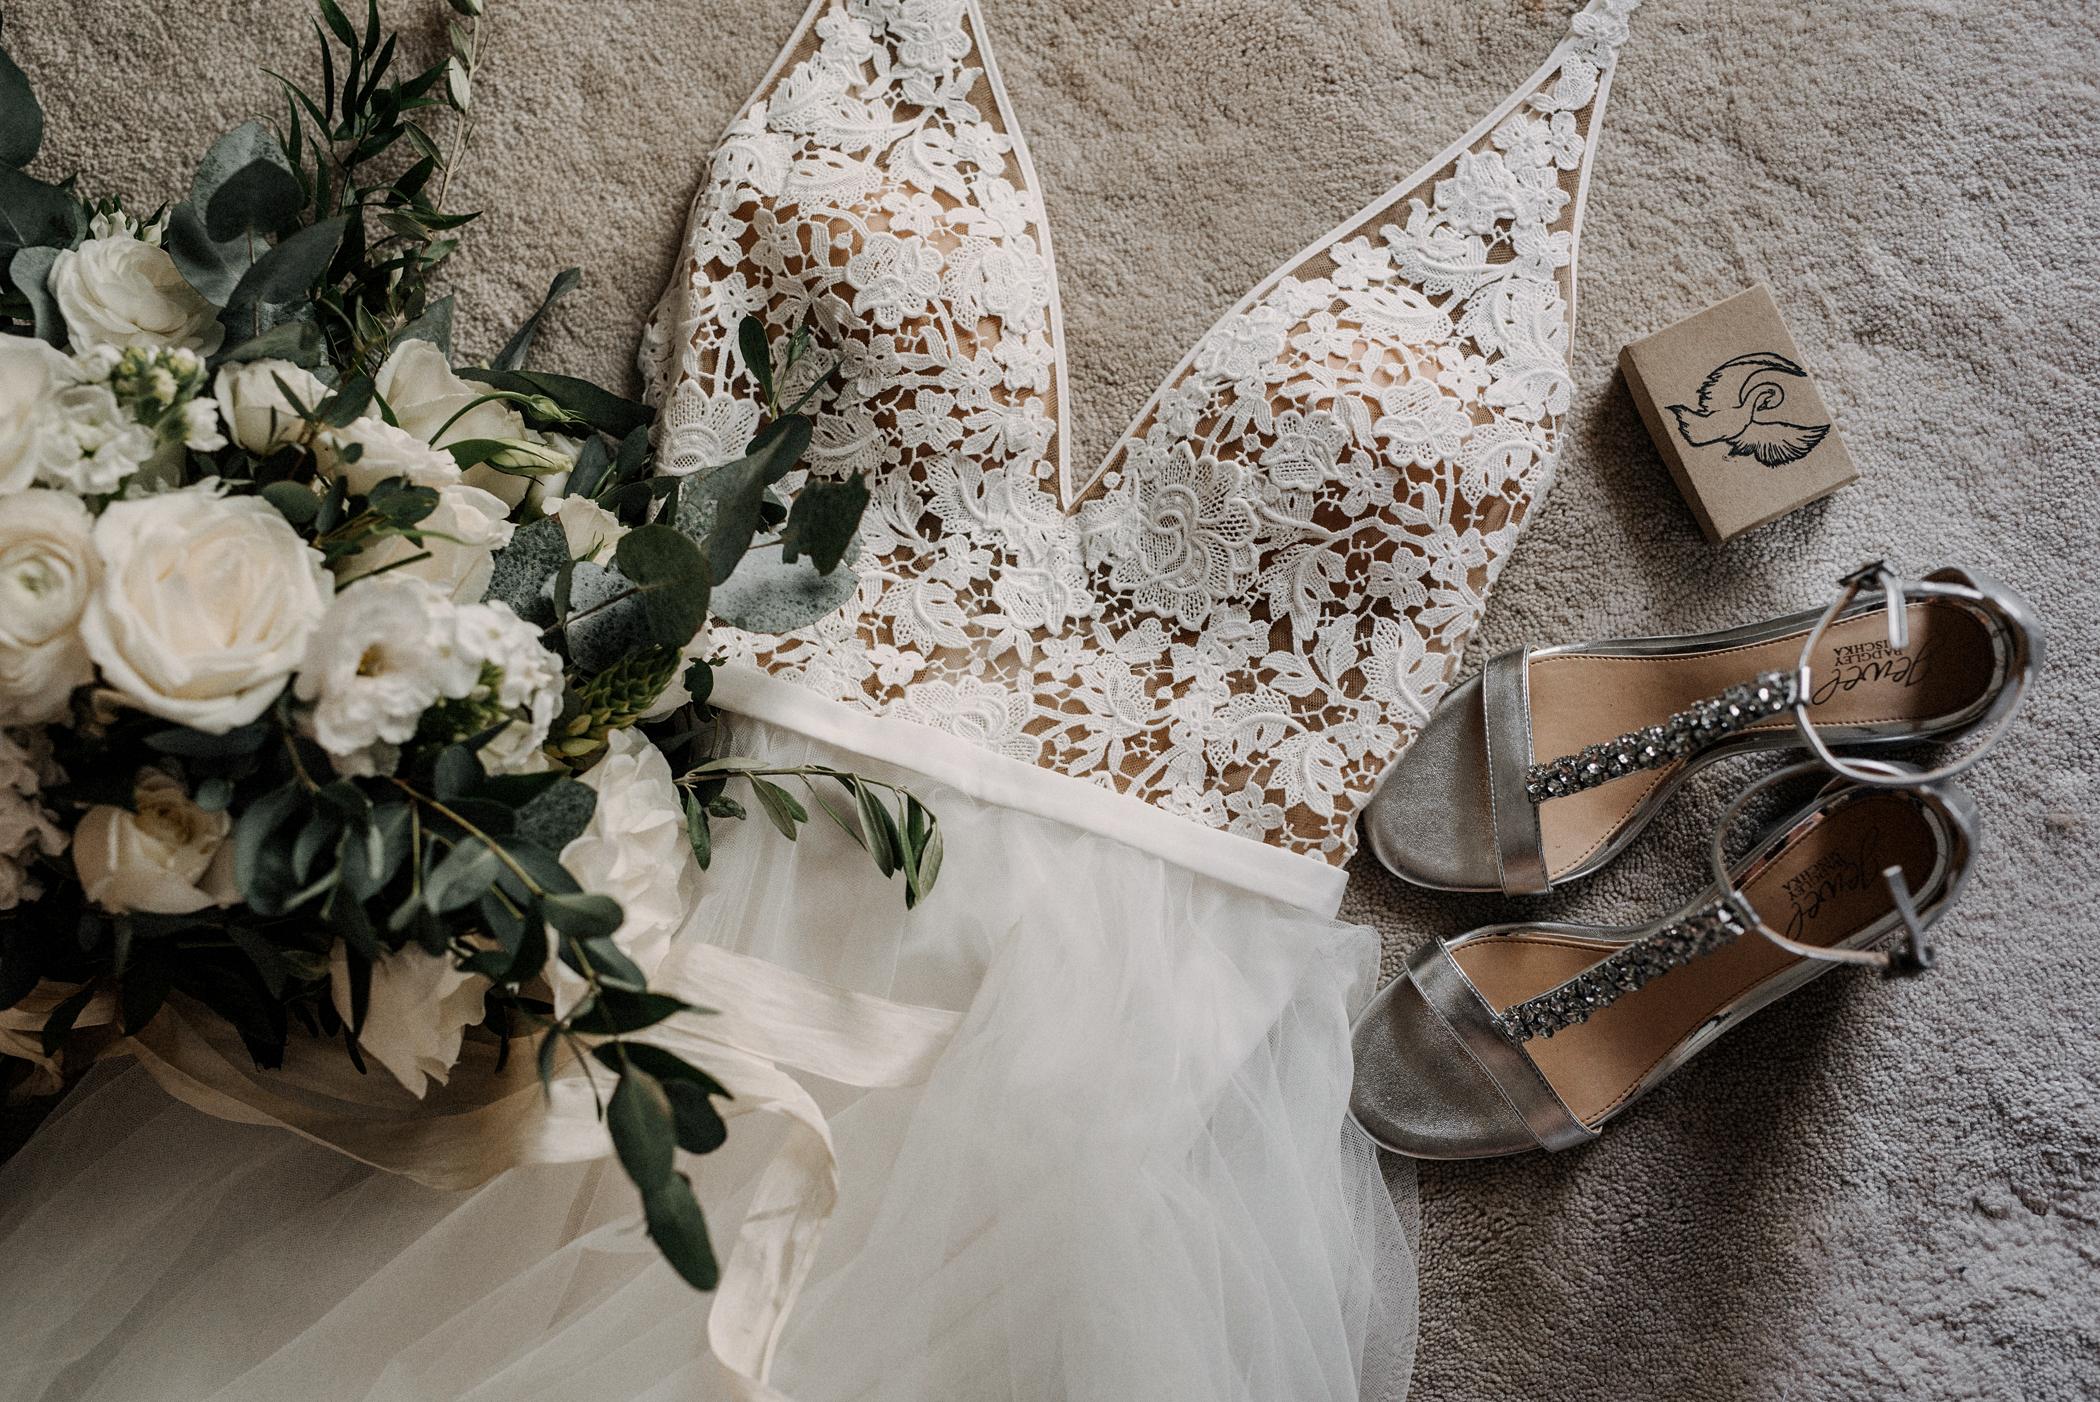 014-kaoverii-silva-KR-wedding-vancouver-photography-blog.png